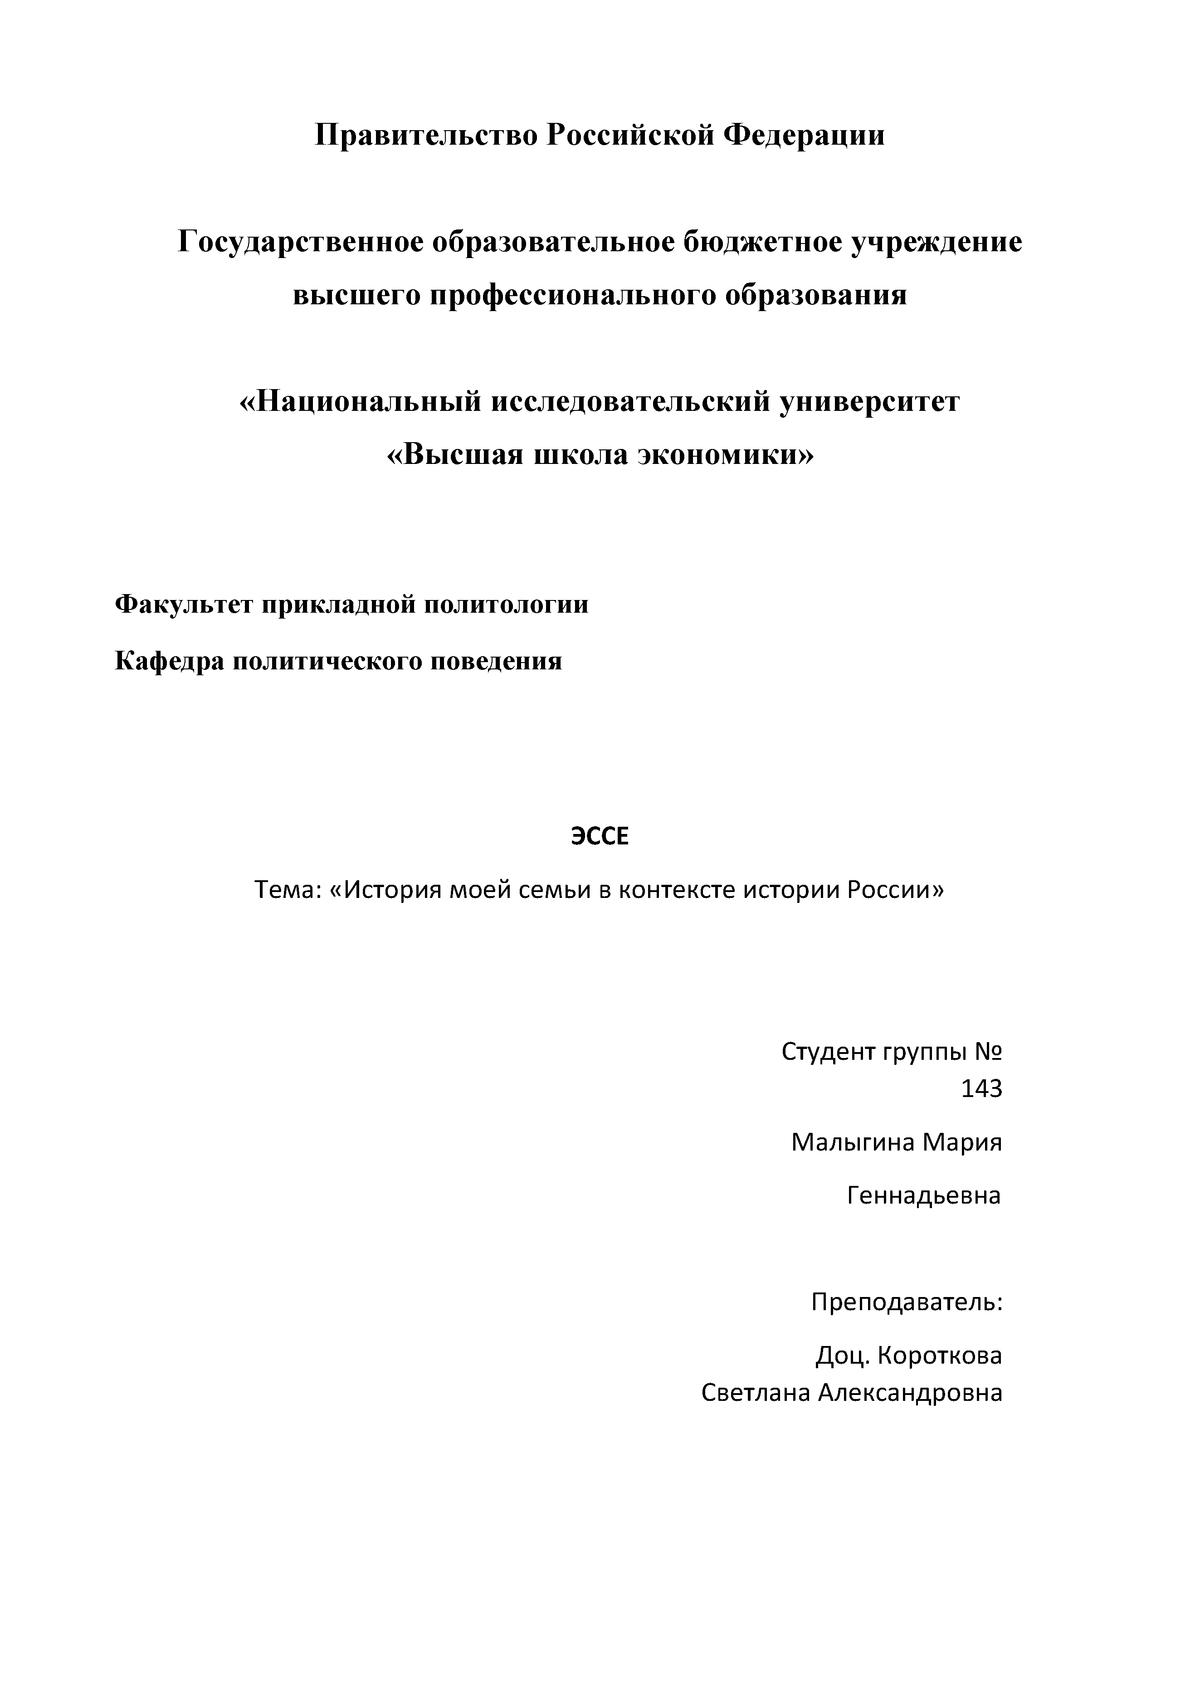 Реферат история моей семьи в истории россии 2747